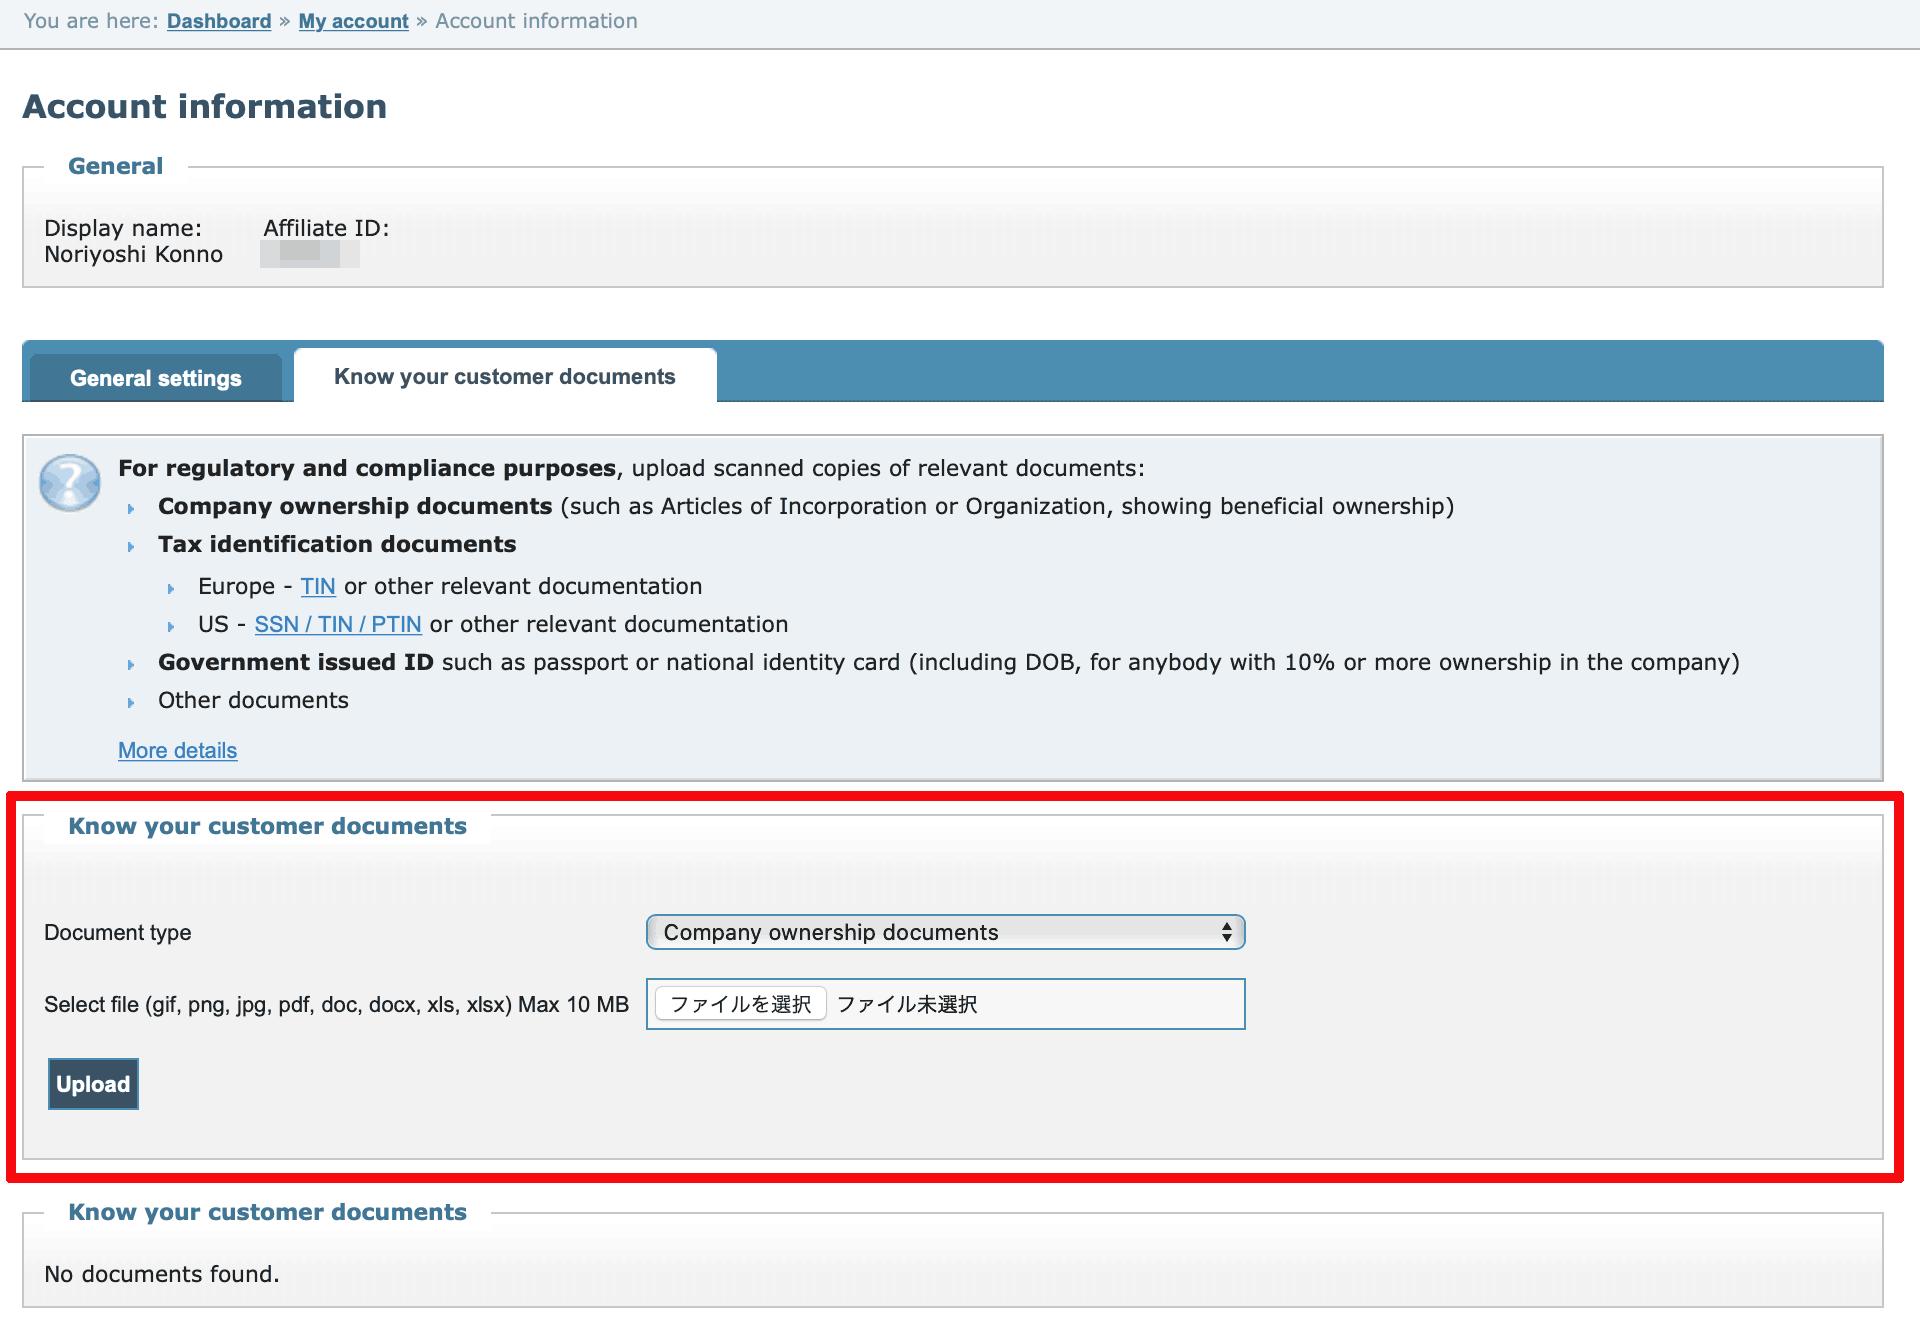 追加情報登録2